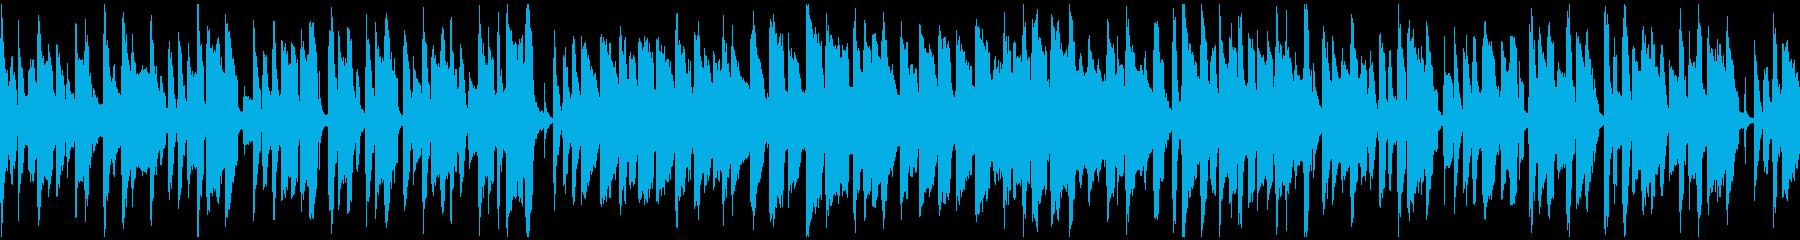 素朴、ほのぼの脱力系リコーダー※ループ版の再生済みの波形